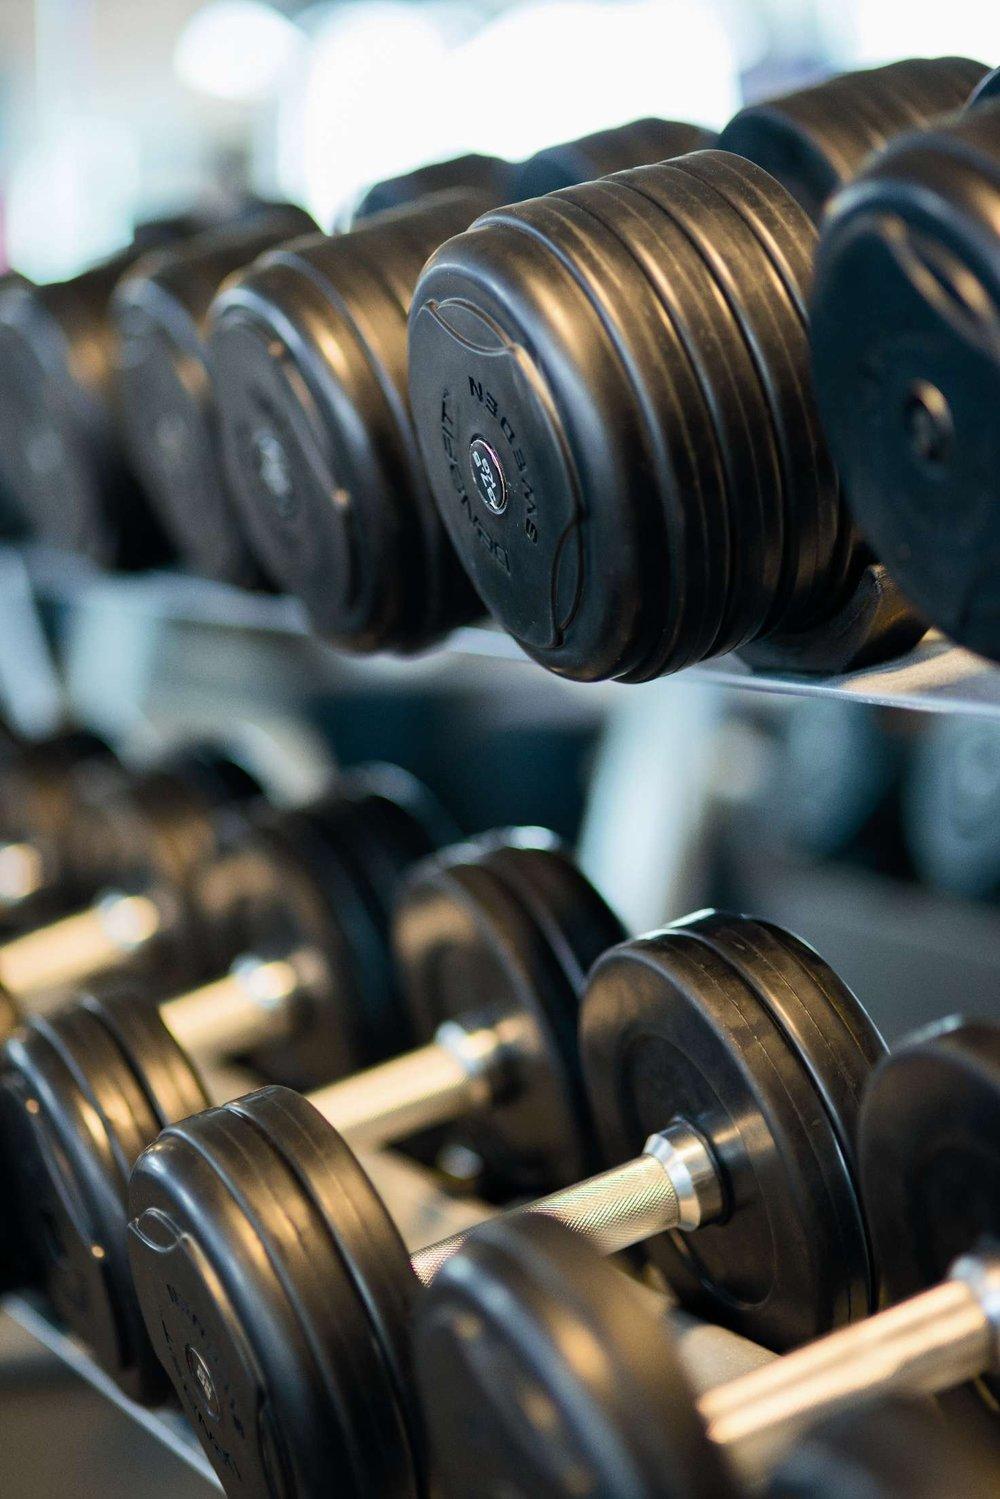 bodybuilding-close-up-dumbbells-260352.jpg